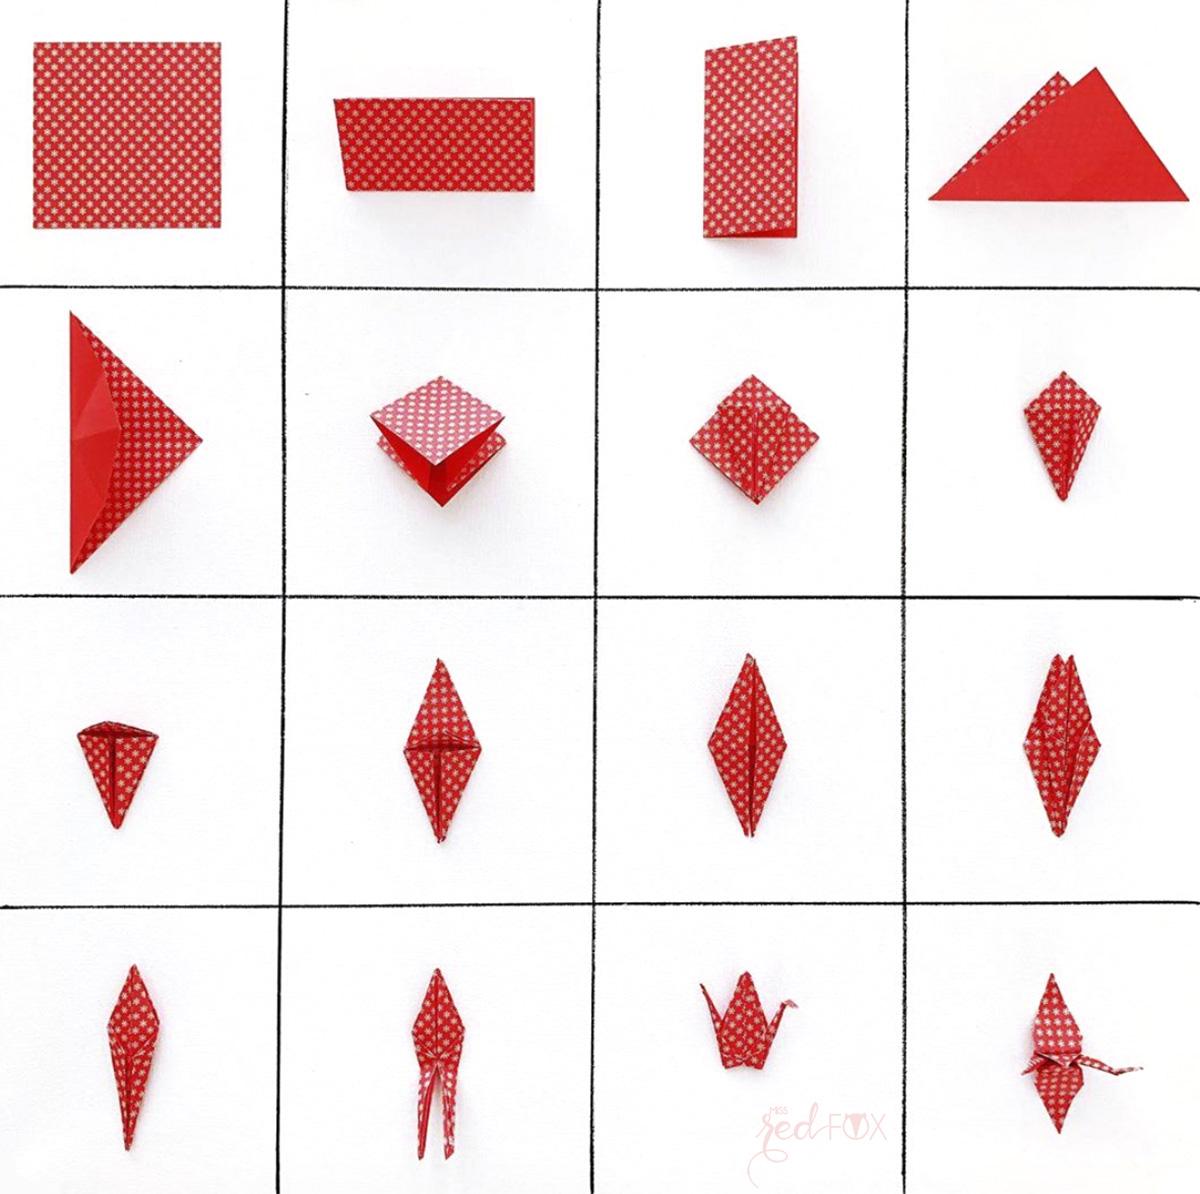 missredfox - 12giftswithlove - Licht - Origami Kraniche Lichterkette - 03a